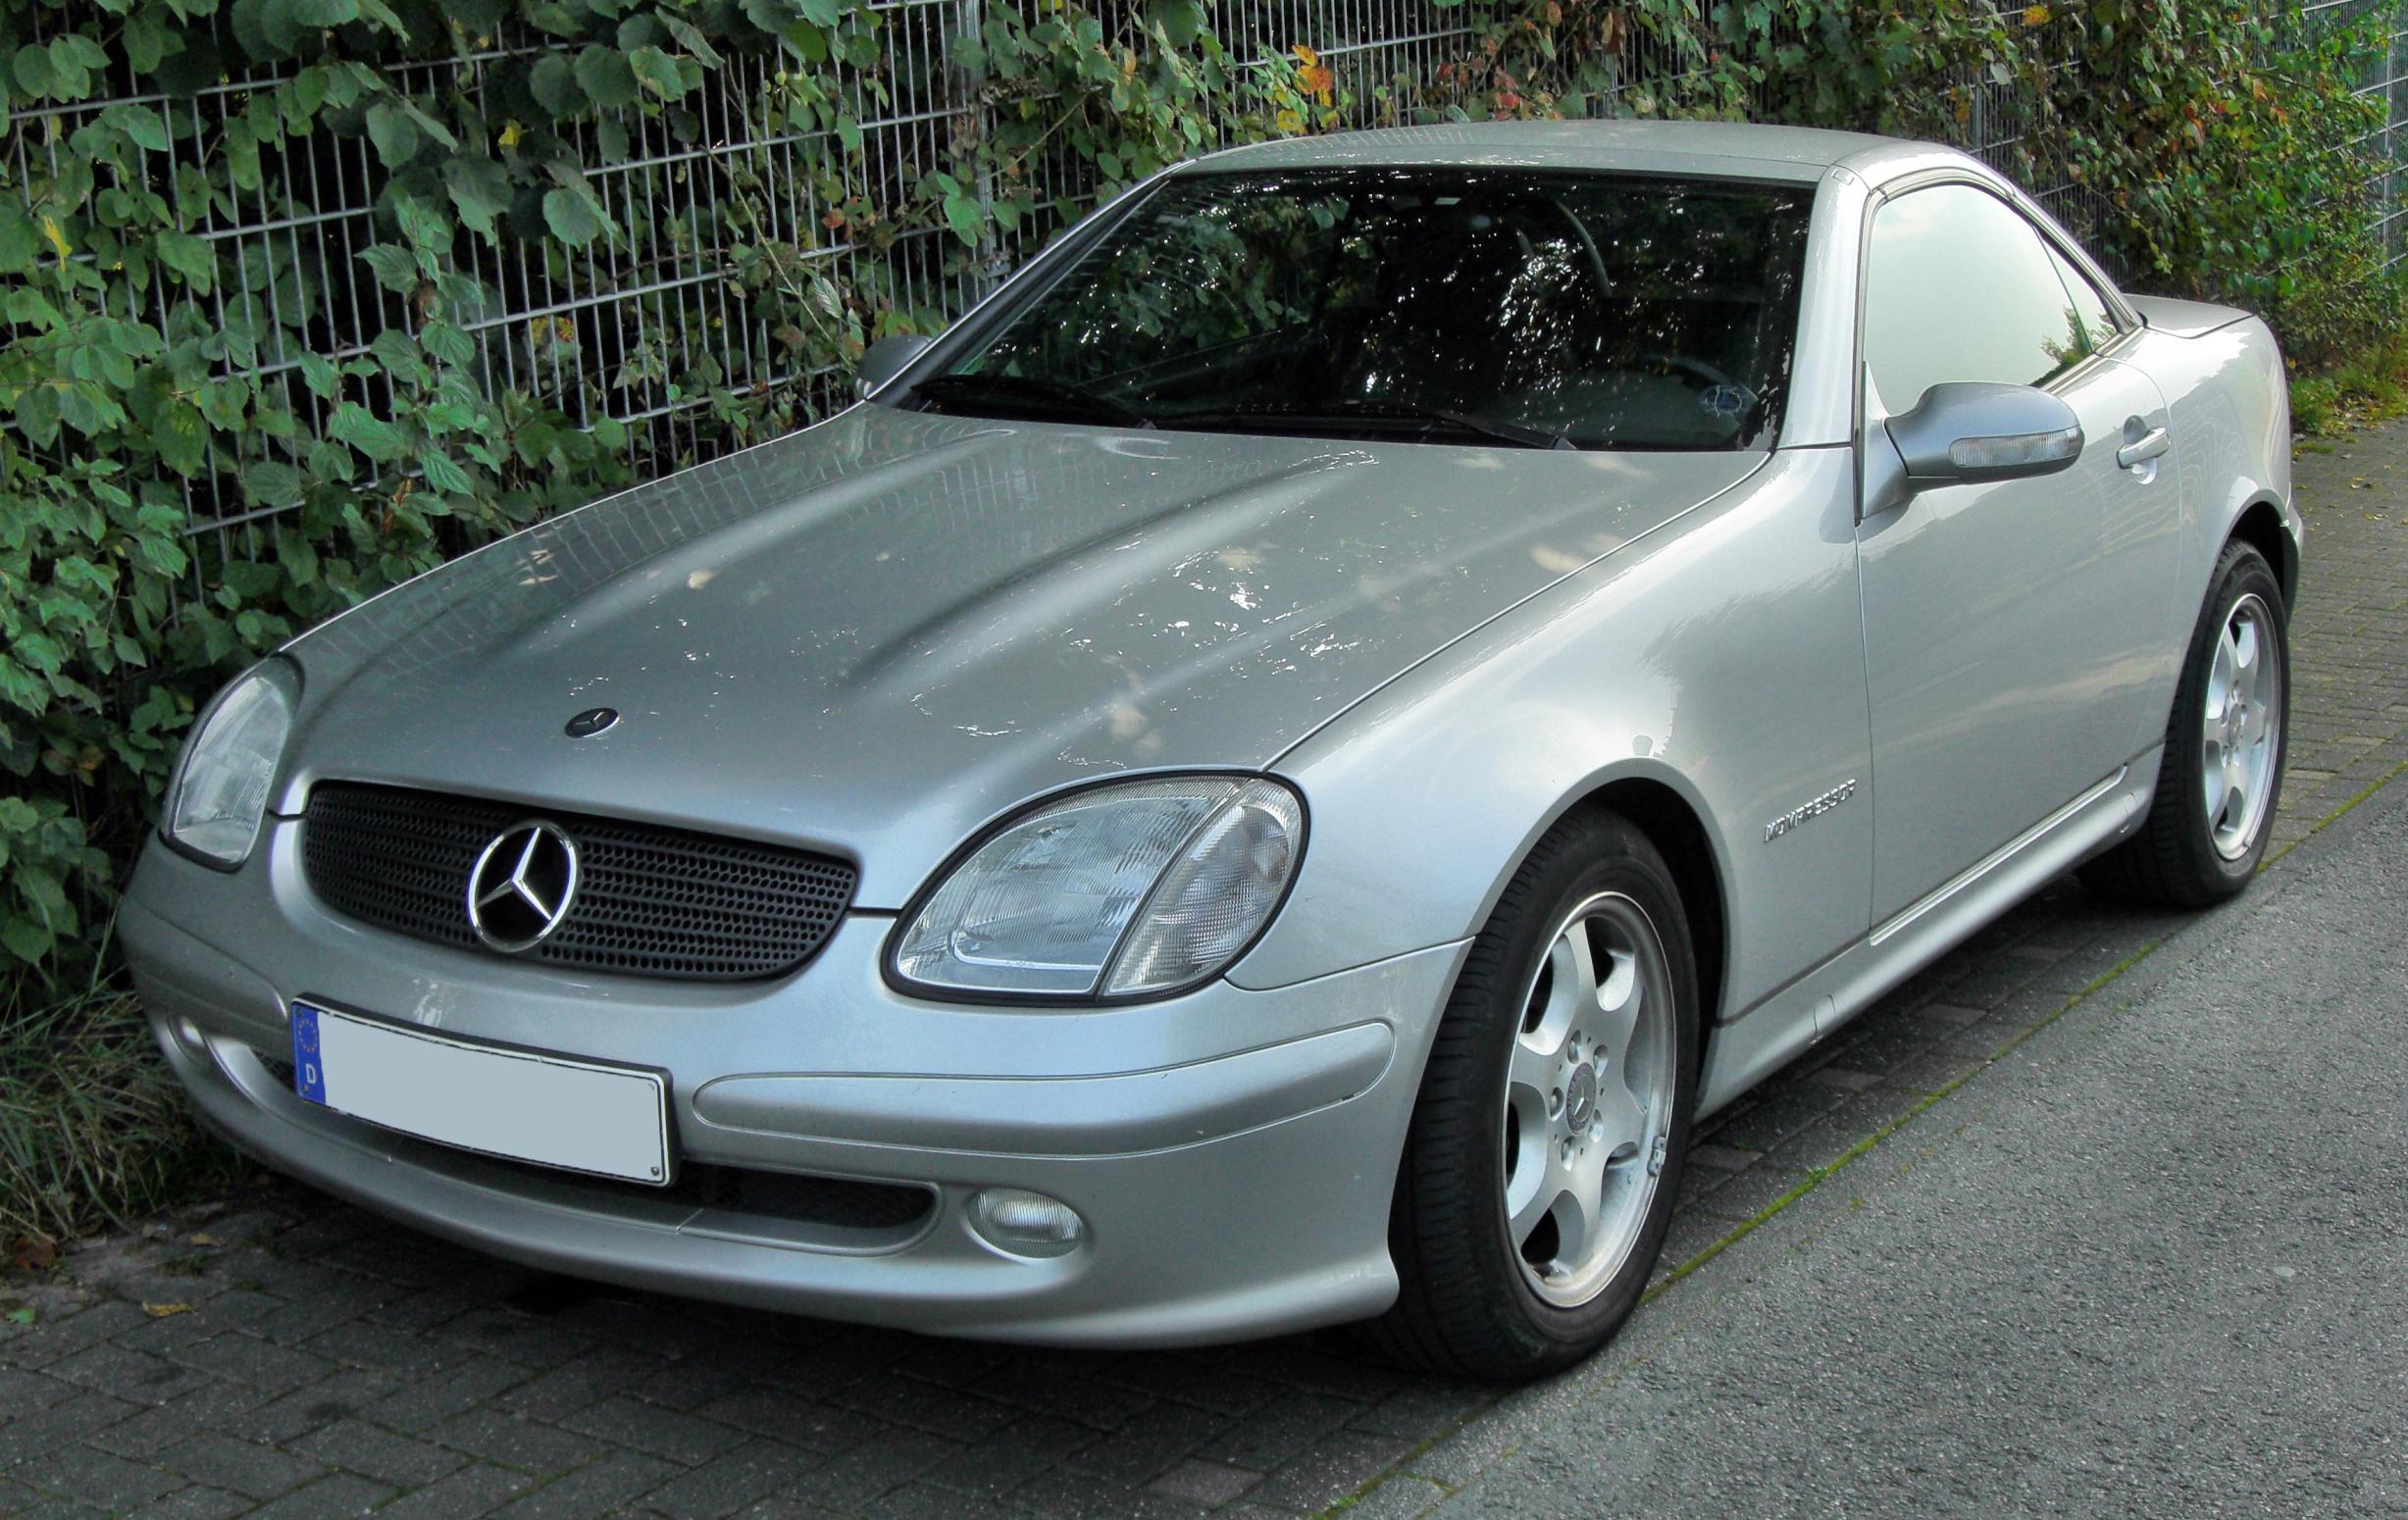 Mercedes-Benz SLK-klasse AMG I (R170) 2001 - 2004 Roadster #8